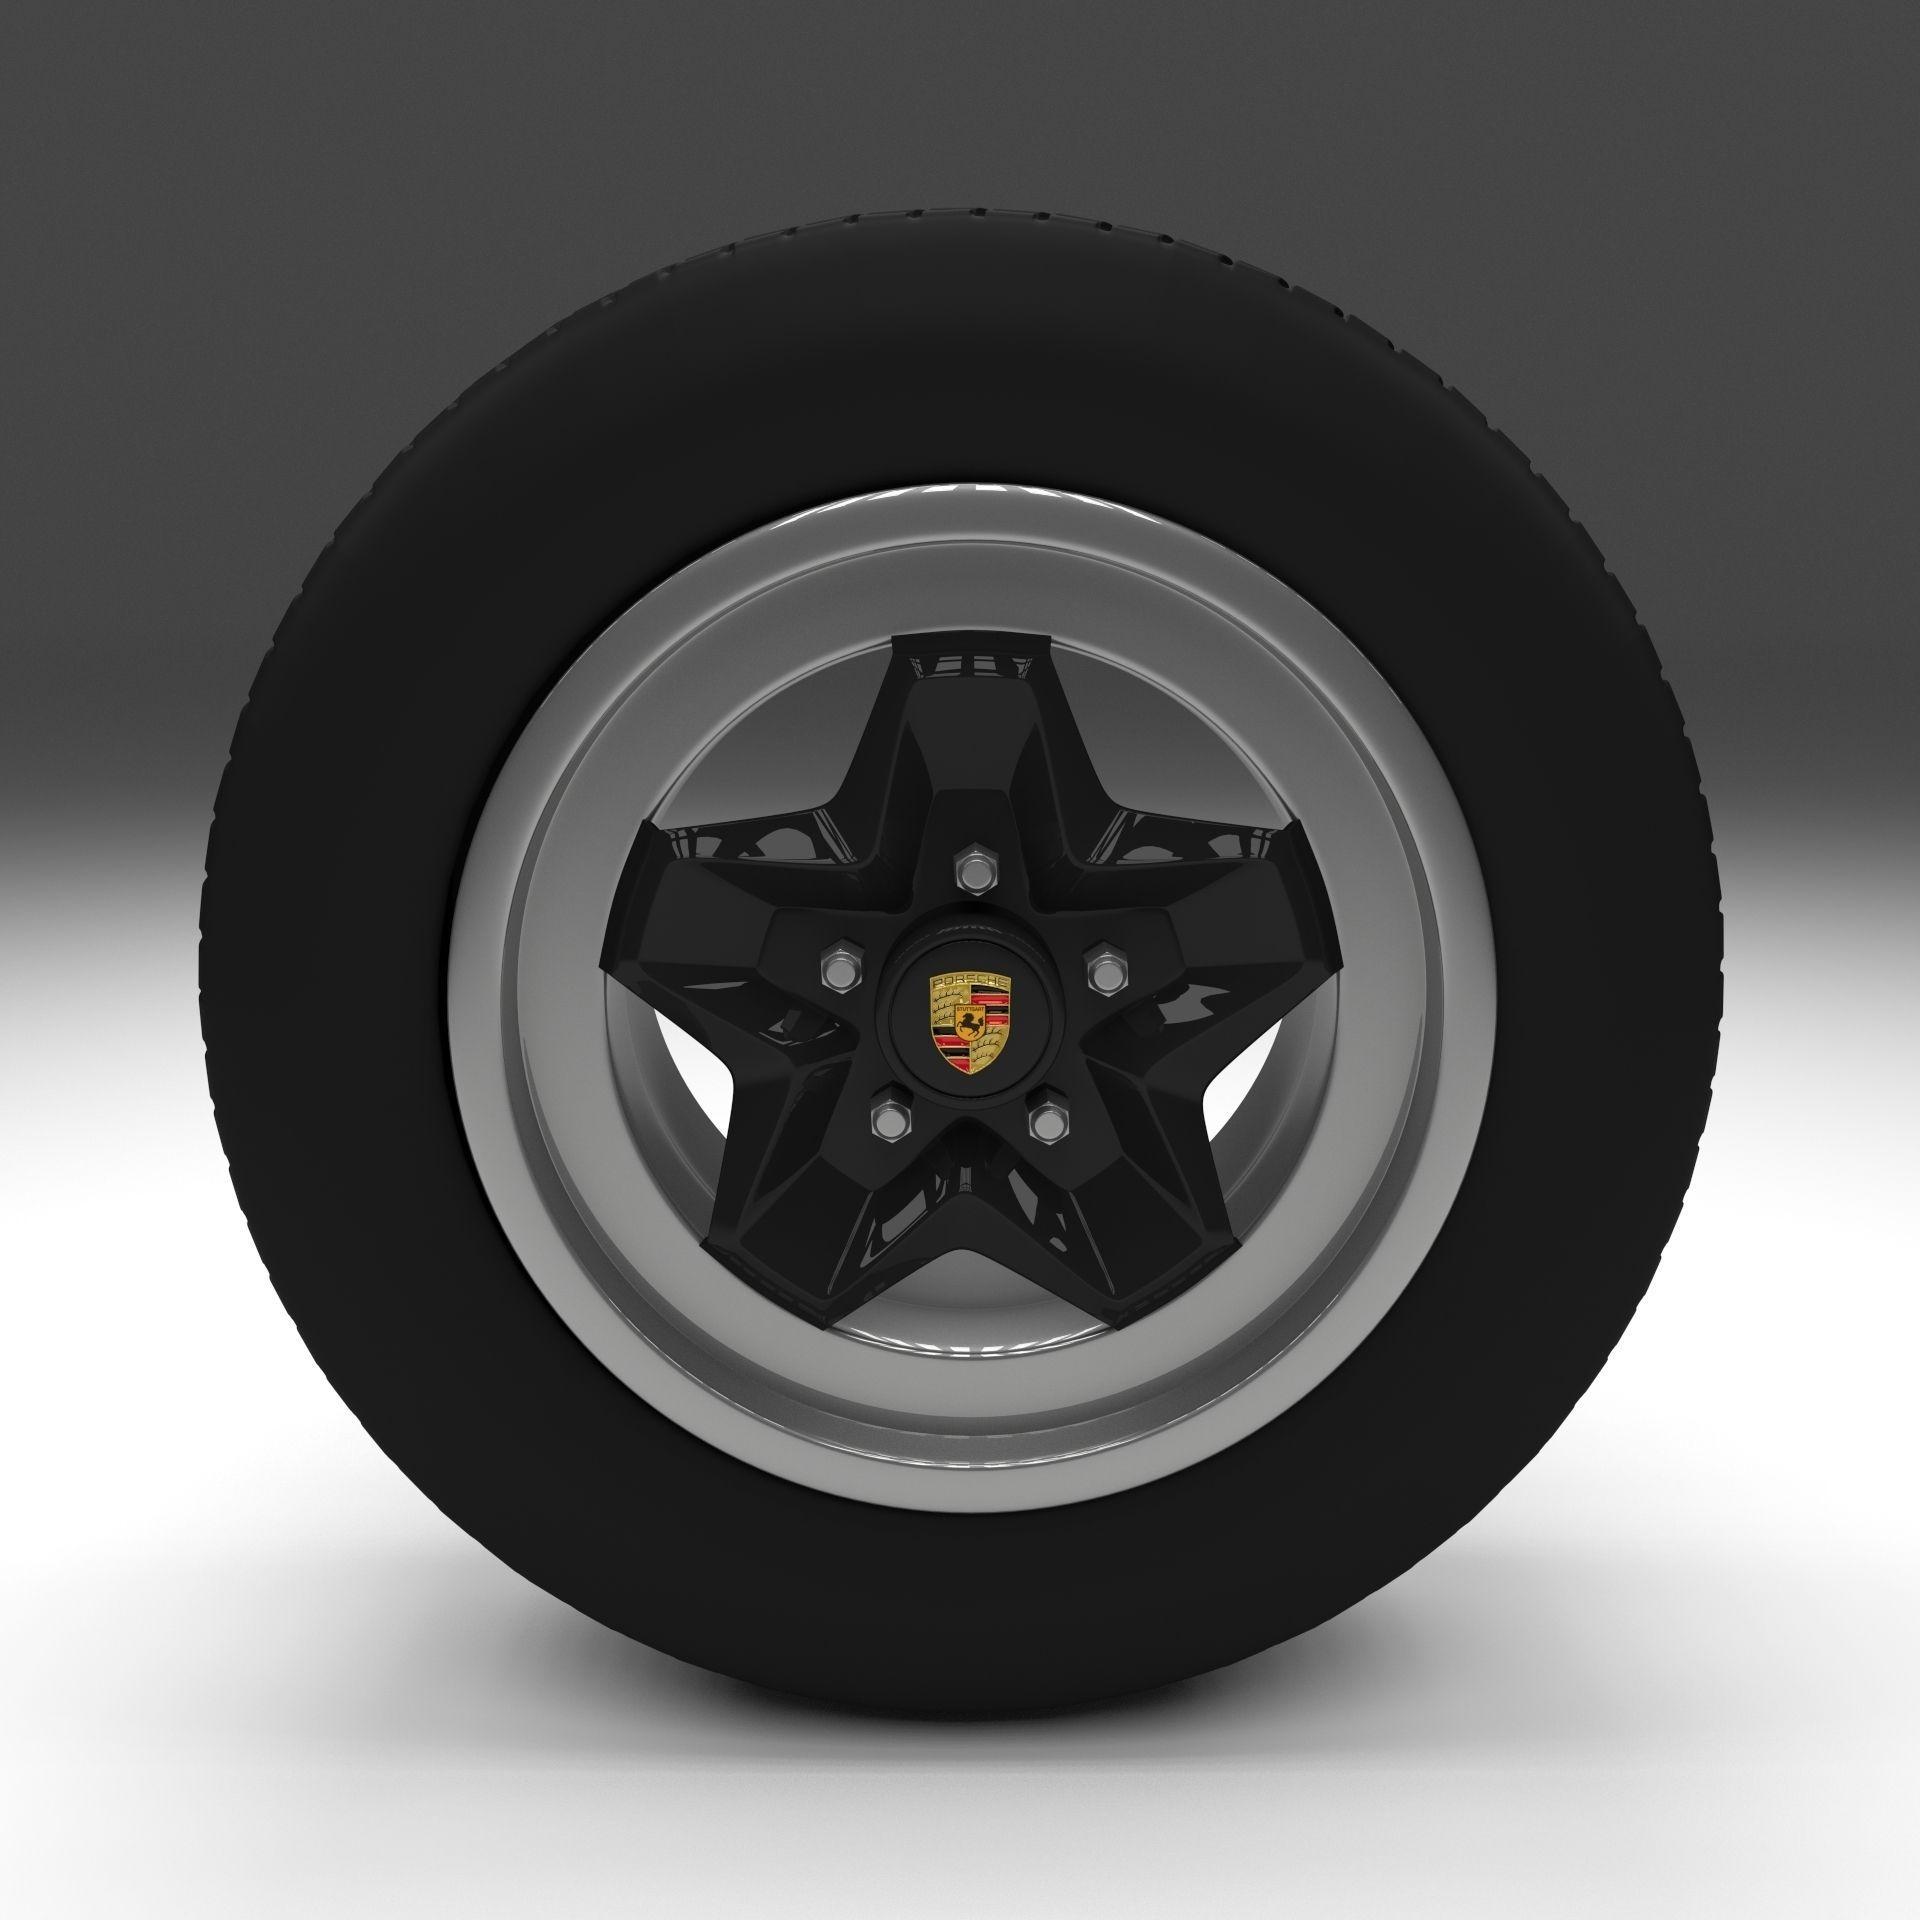 Porsche Wheel v6